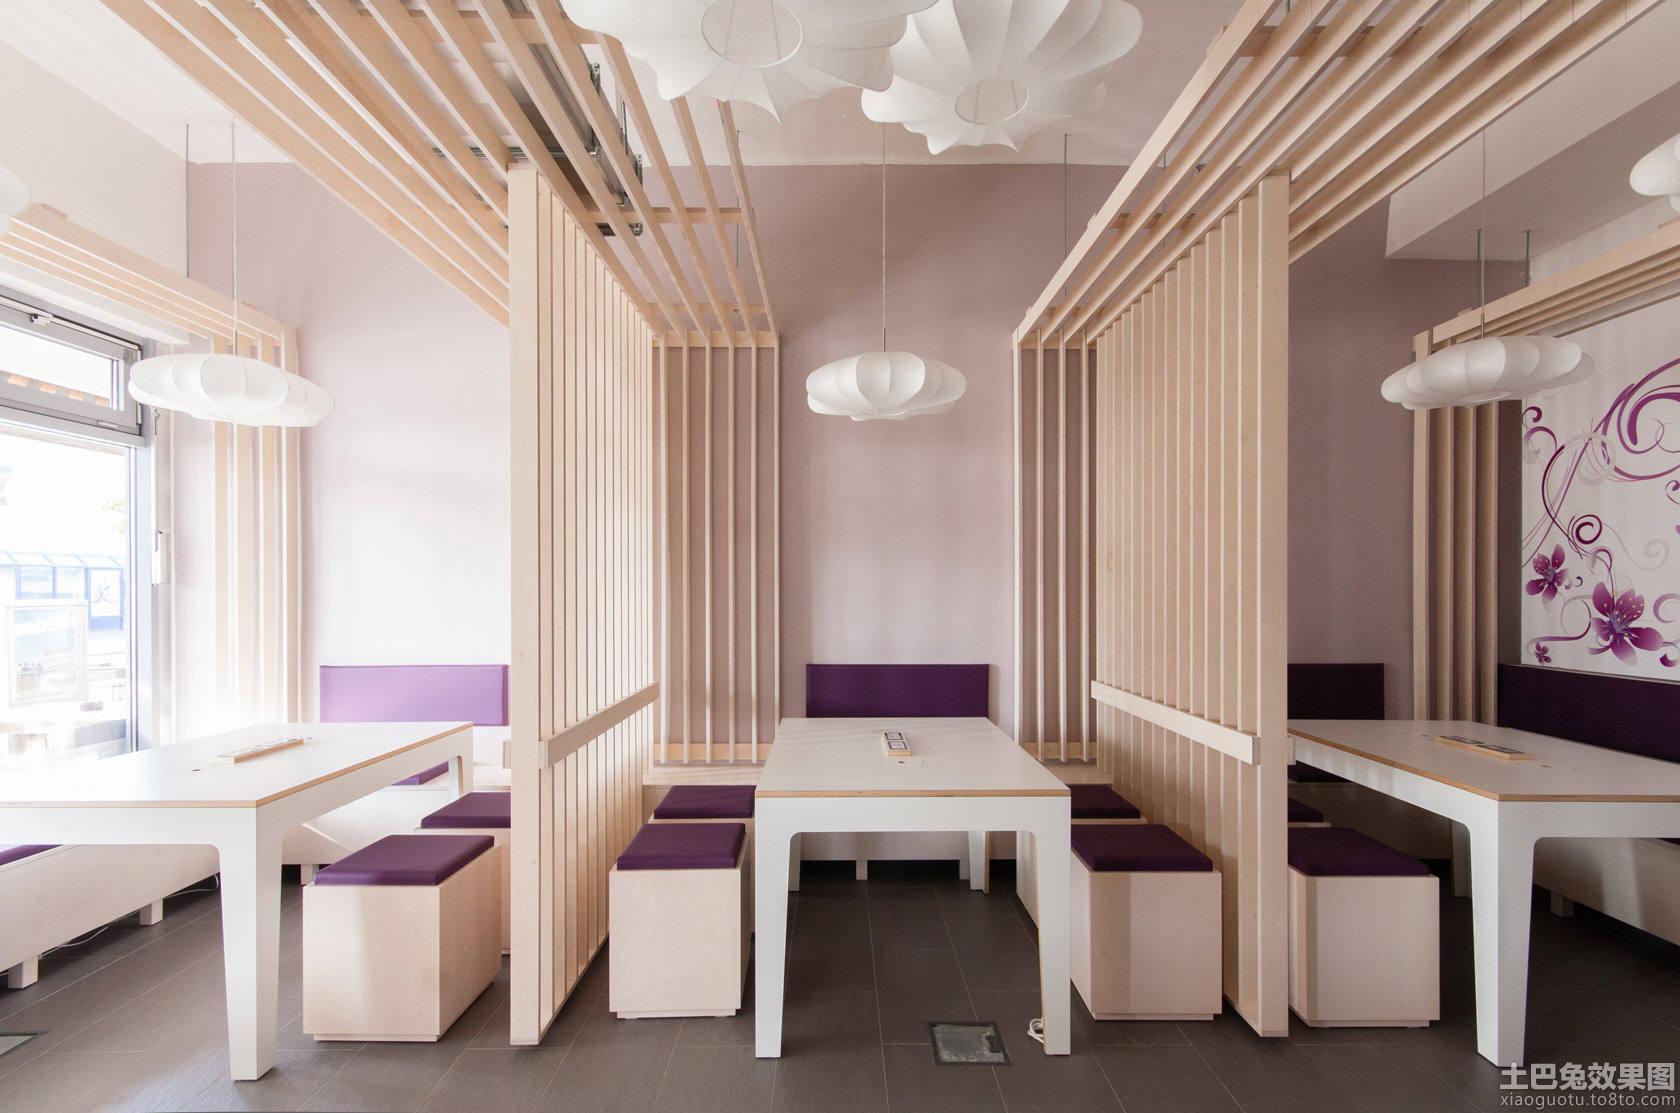 日式简约风格餐饮店面装修设计装修效果图